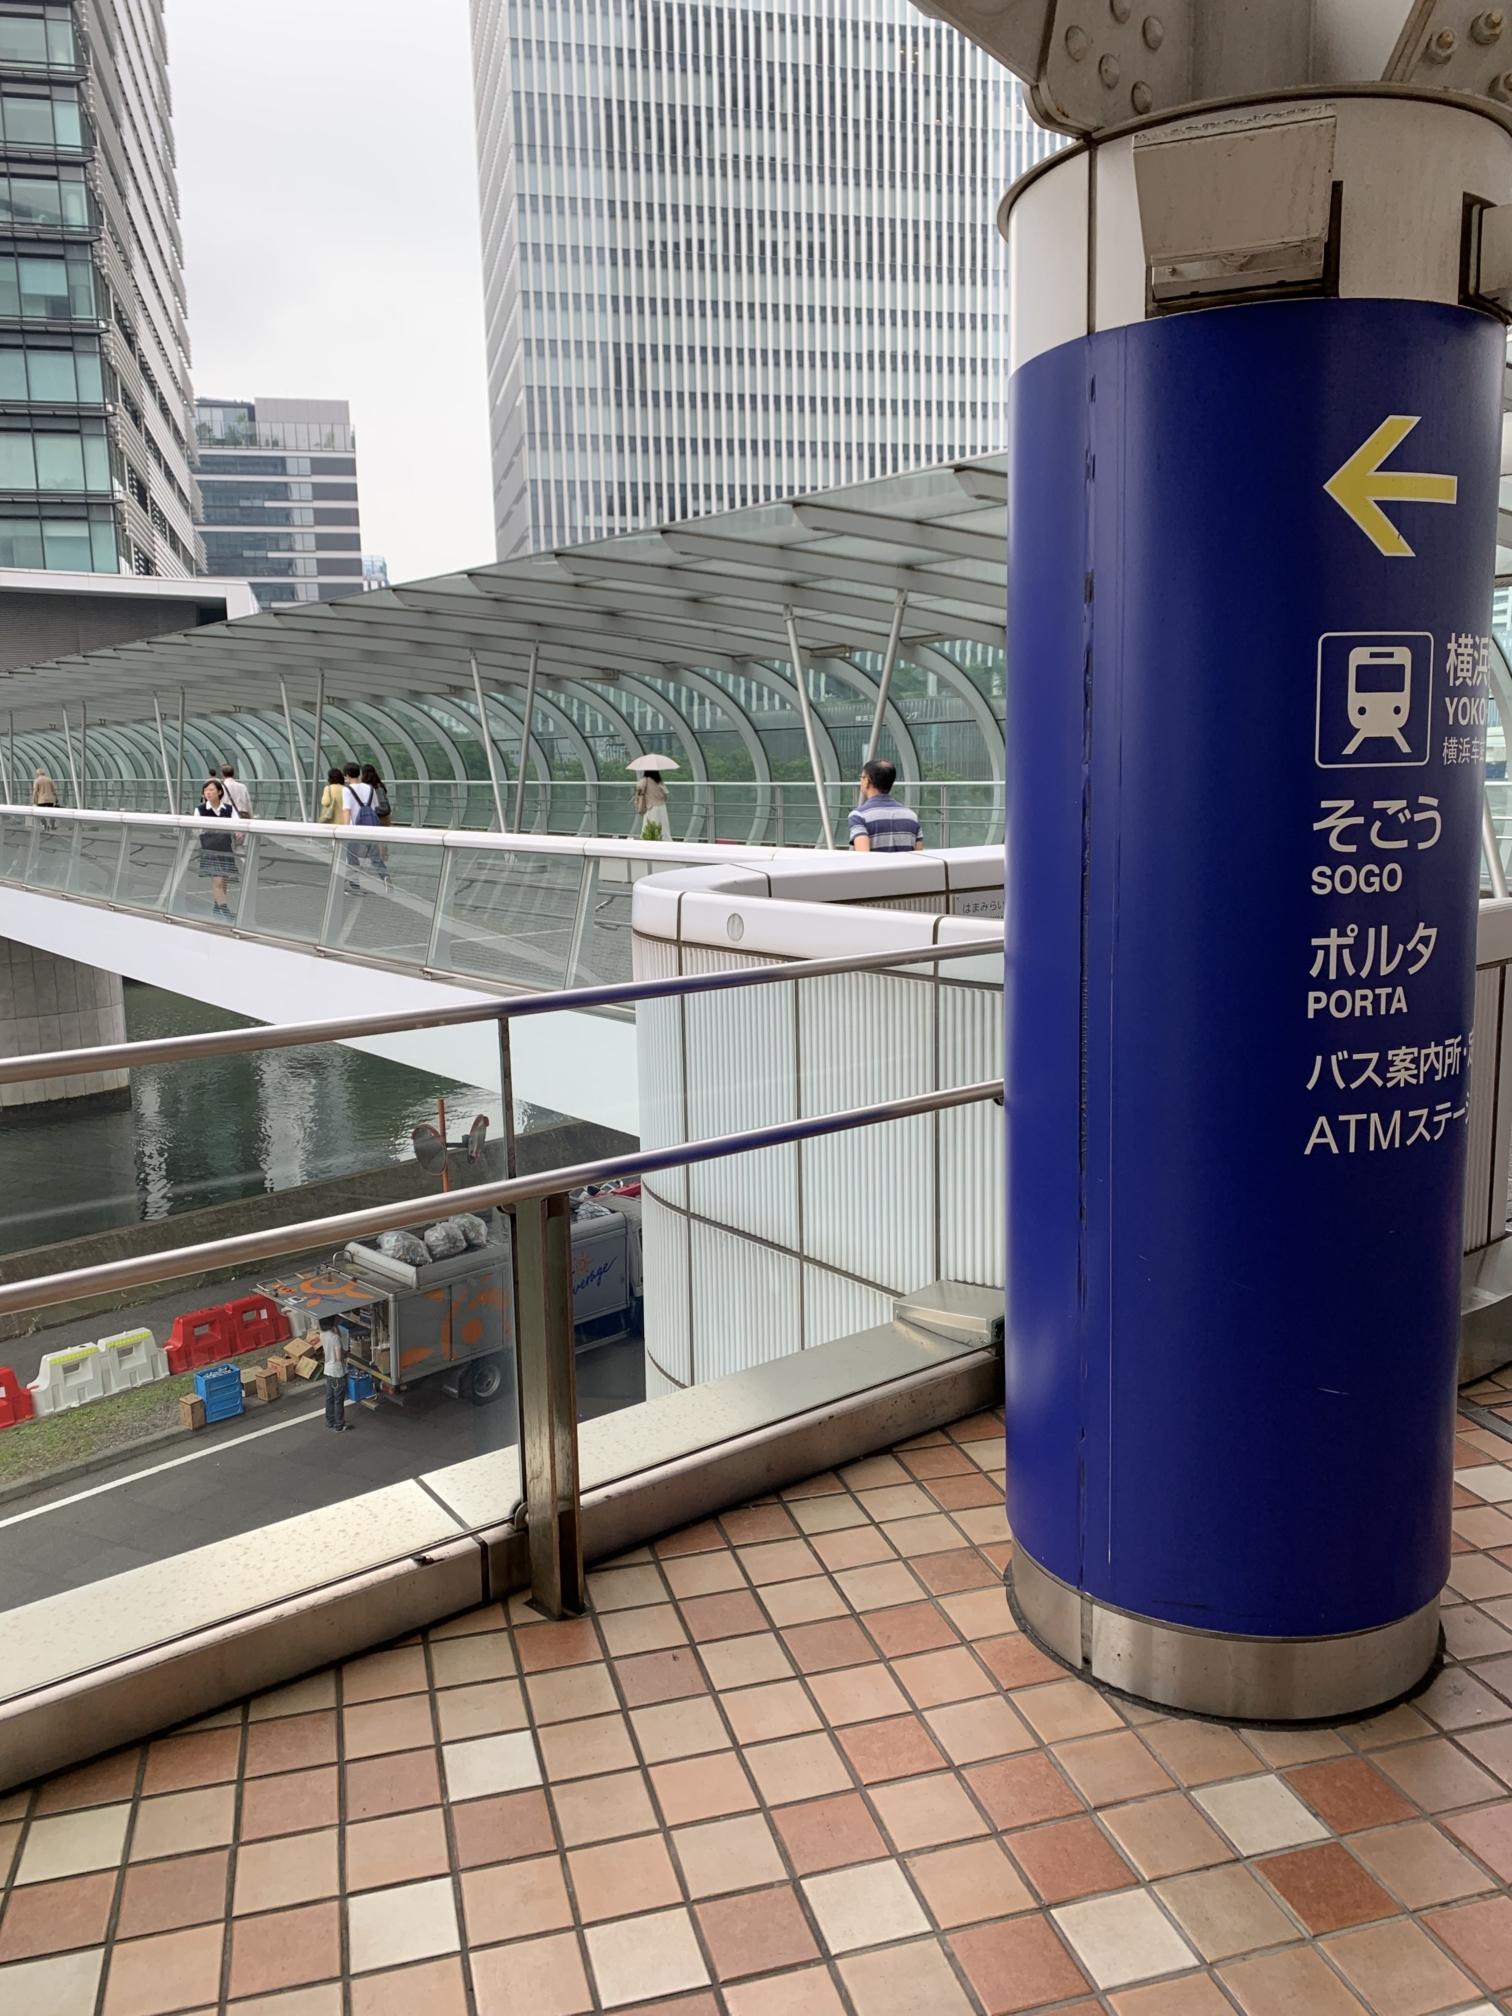 アンパンマンミュージアム【アクセス】日産グローバルギャラリー方面へ